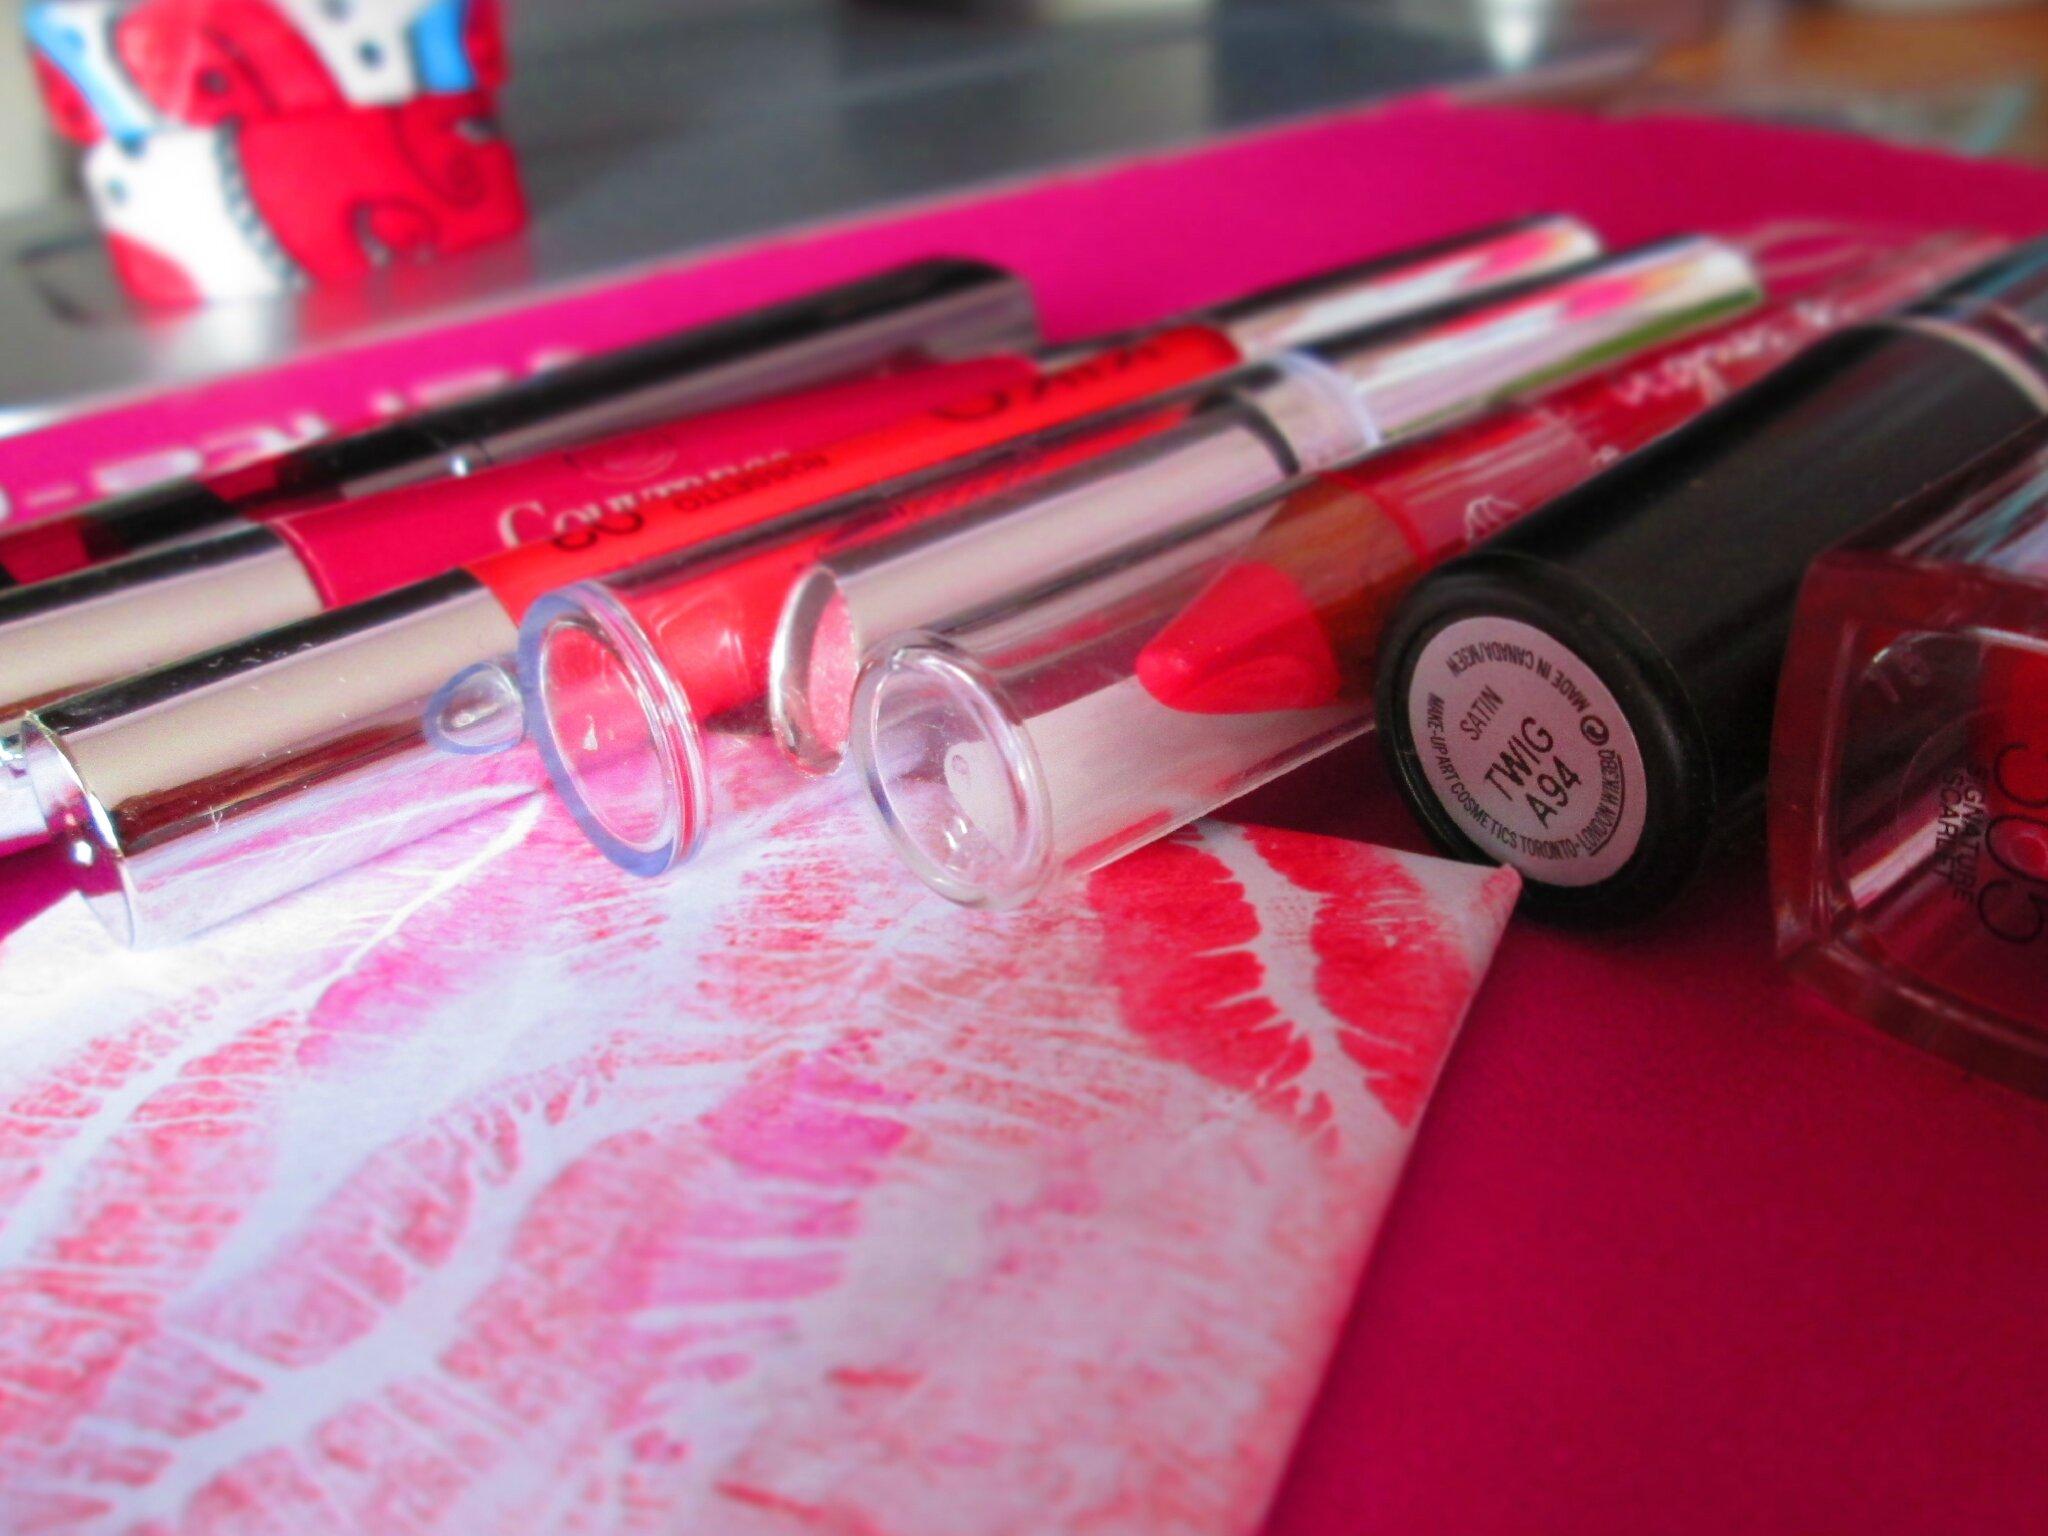 Cartes-enveloppes origami DIY & toile lipstick - Chadik - photo#43